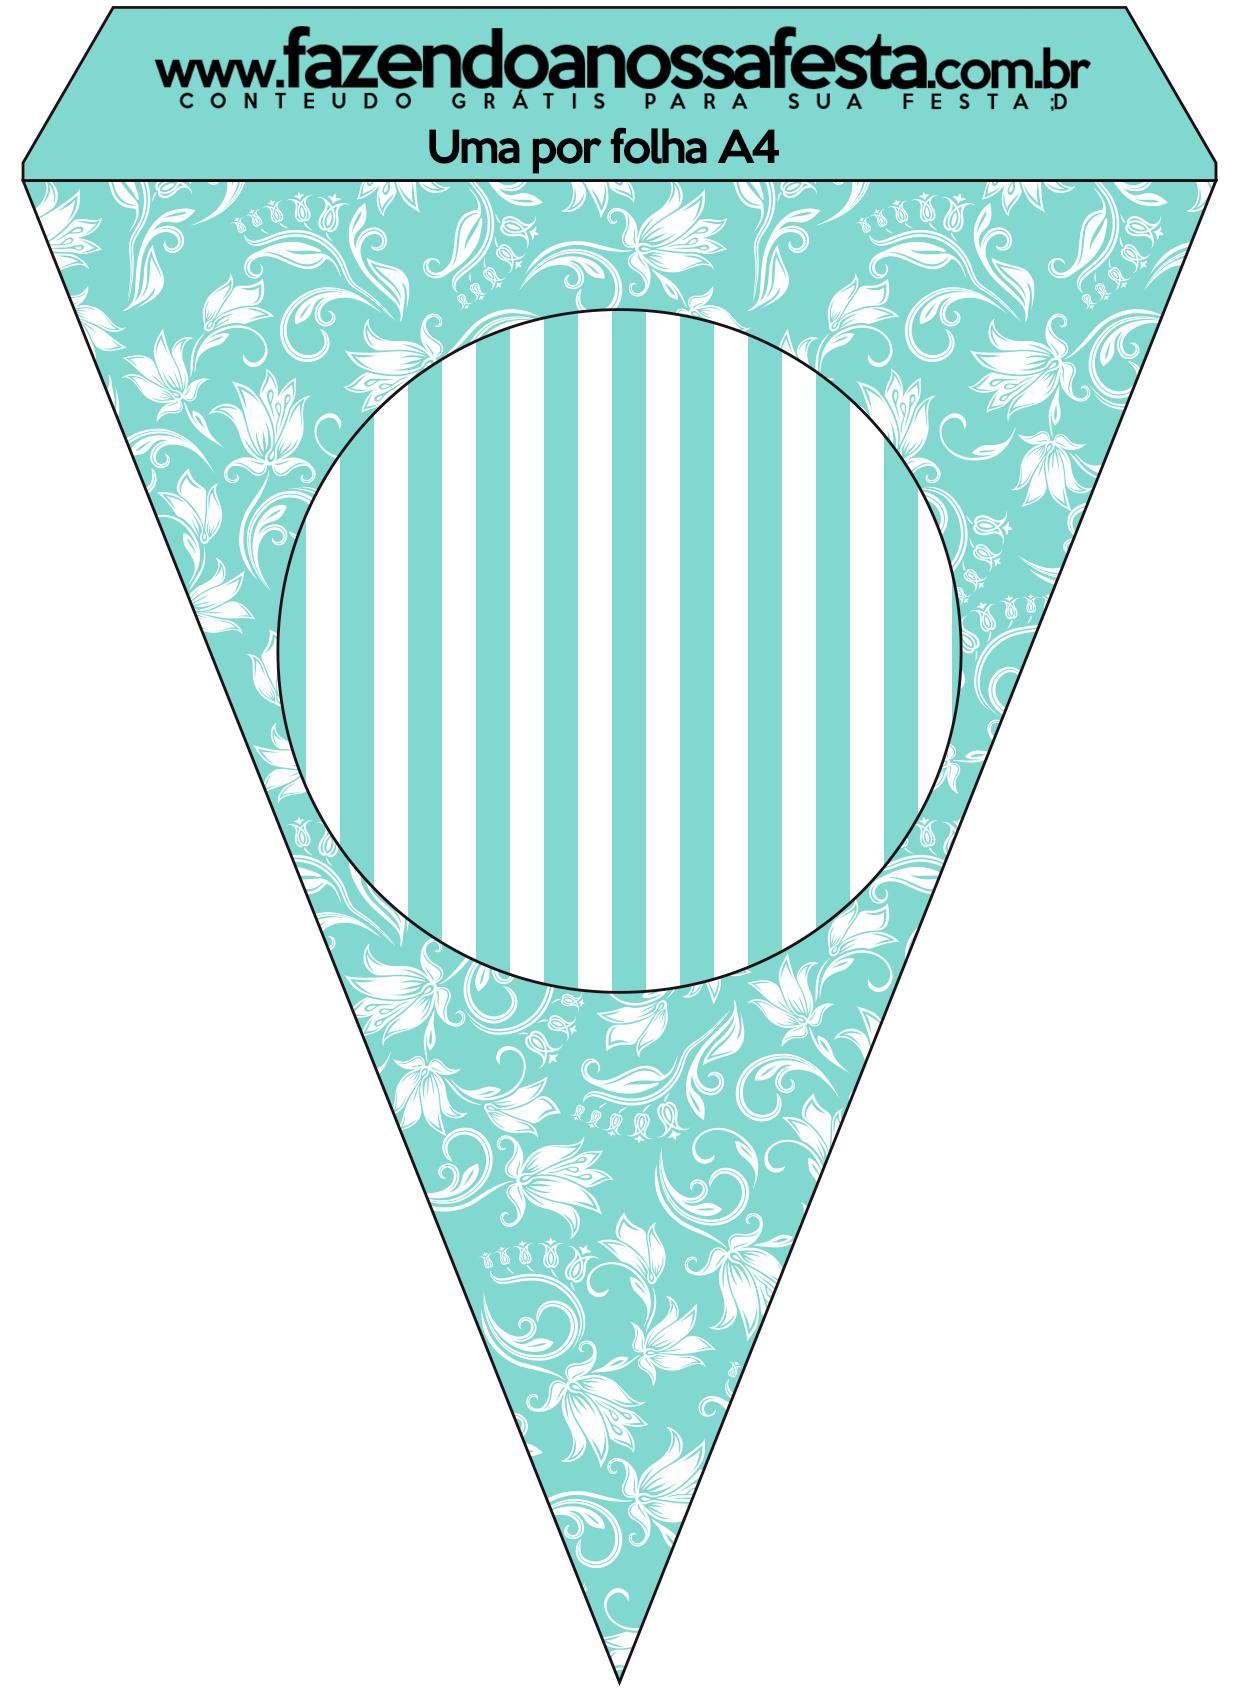 Kit Azul Tiffany Fazendo A Nossa Festa 35 Car Interior Design #309B91 1240 1697